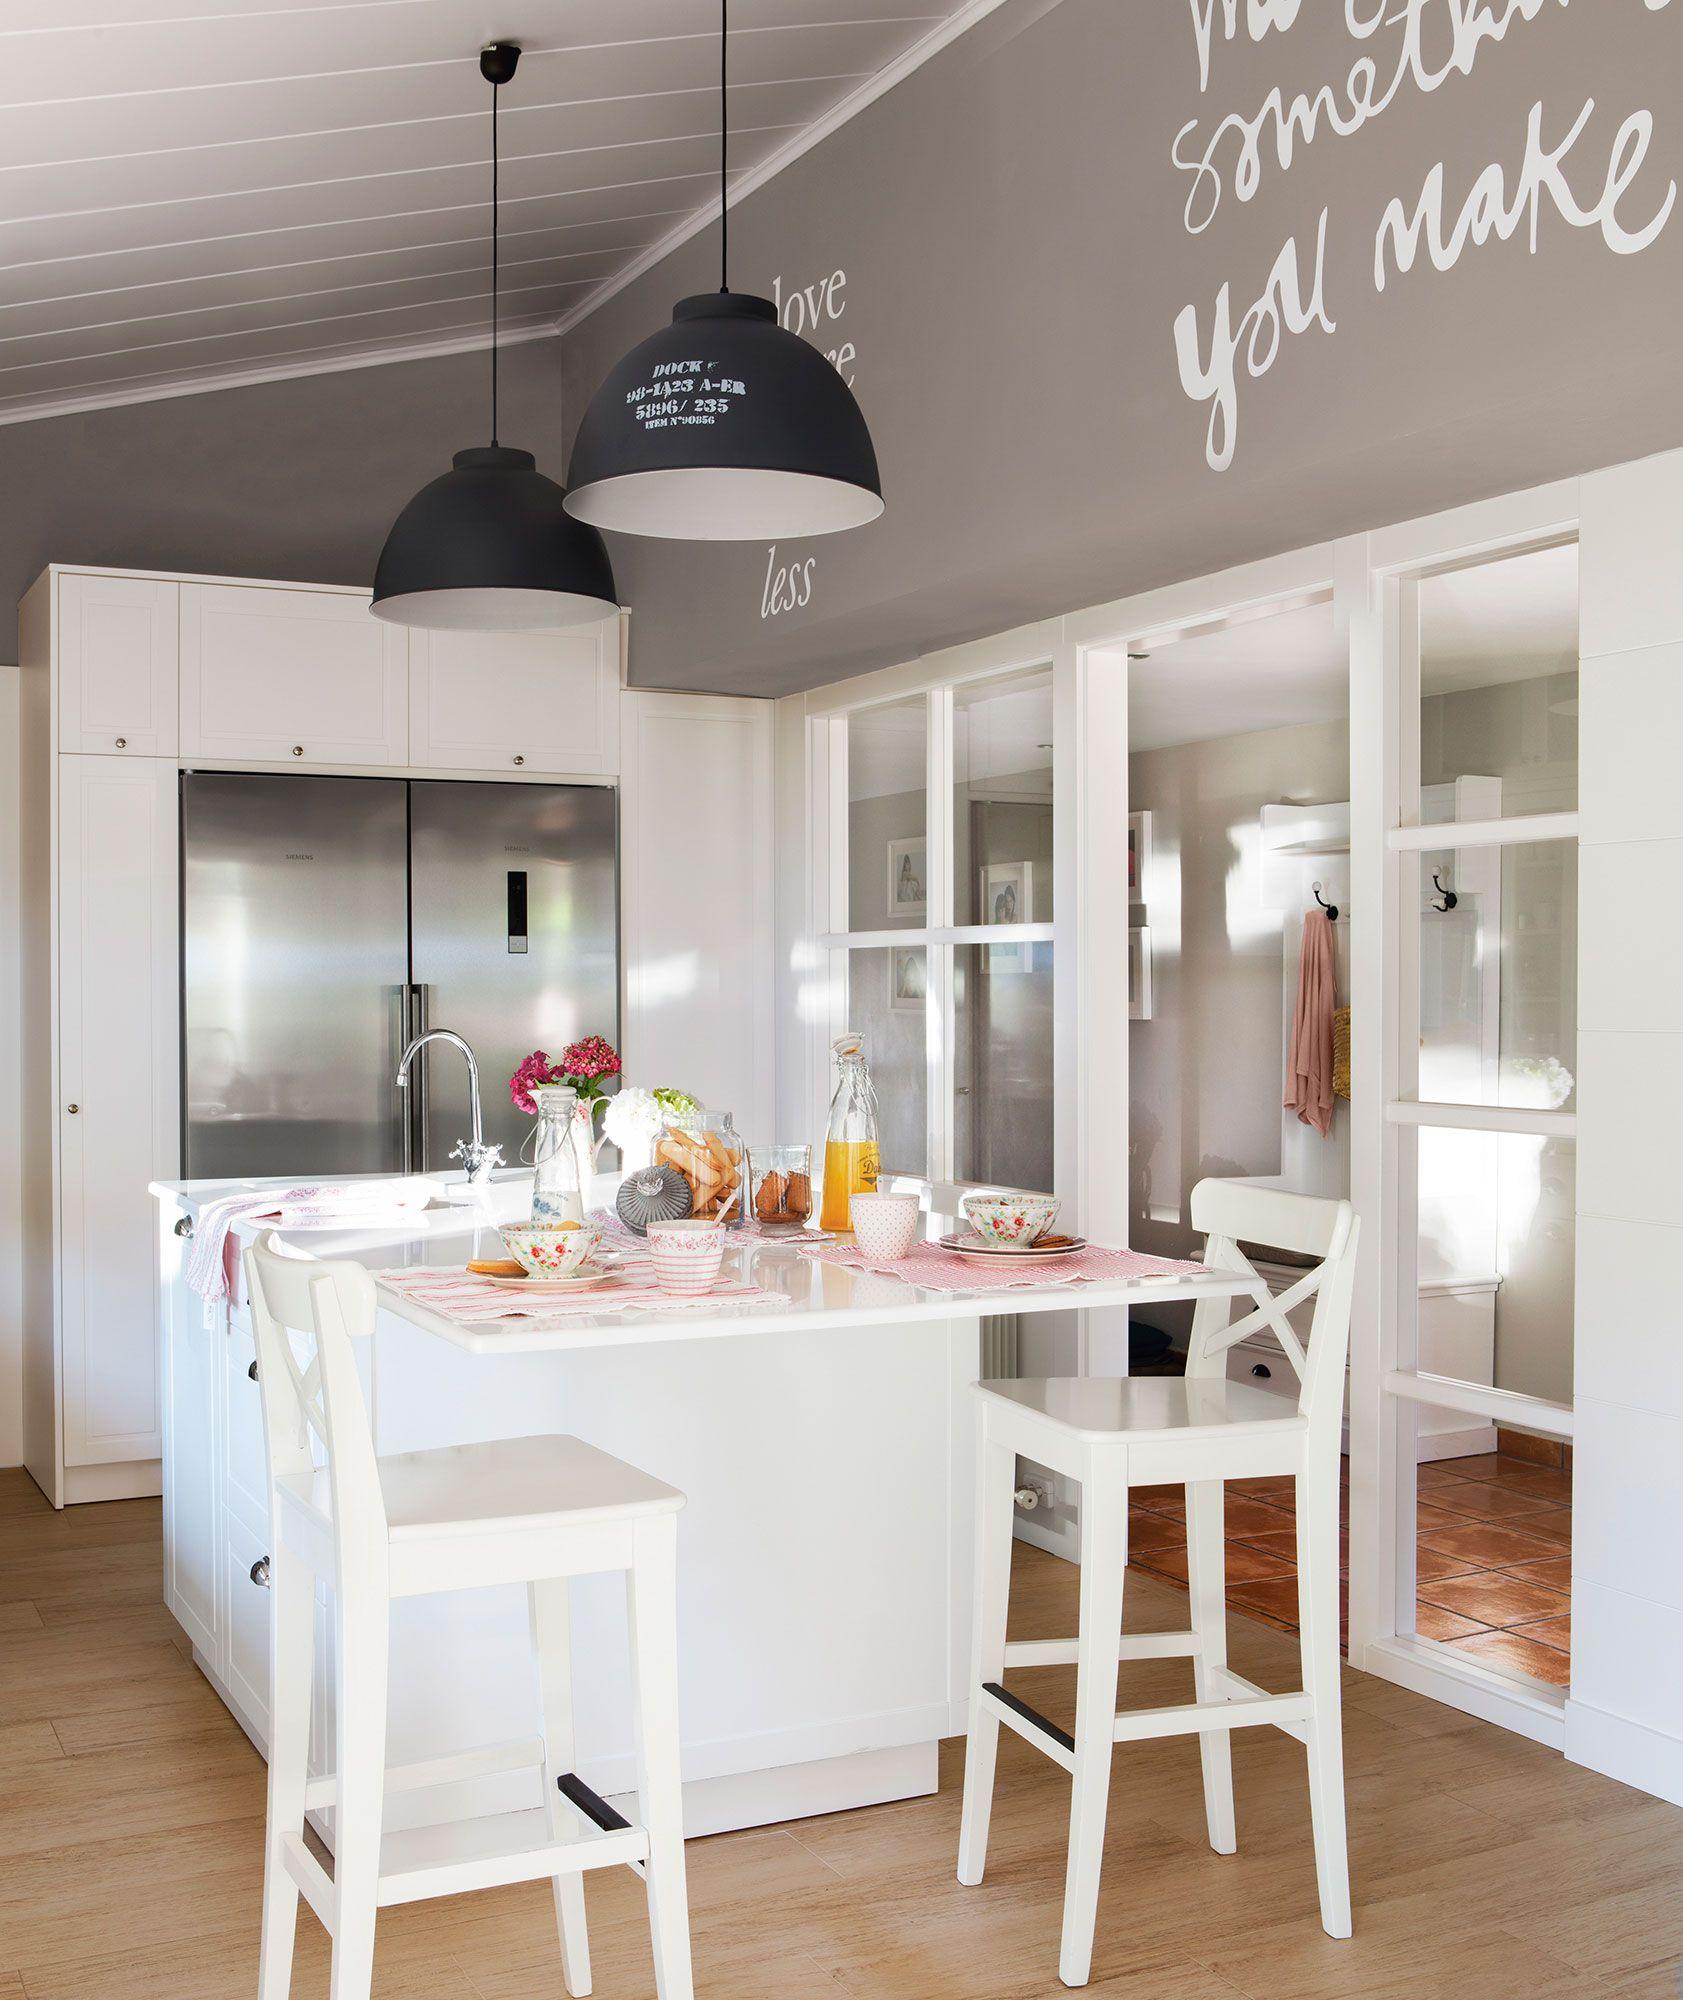 Tres cocinas blancas: un color, tres estilos distintos | Paredes ...